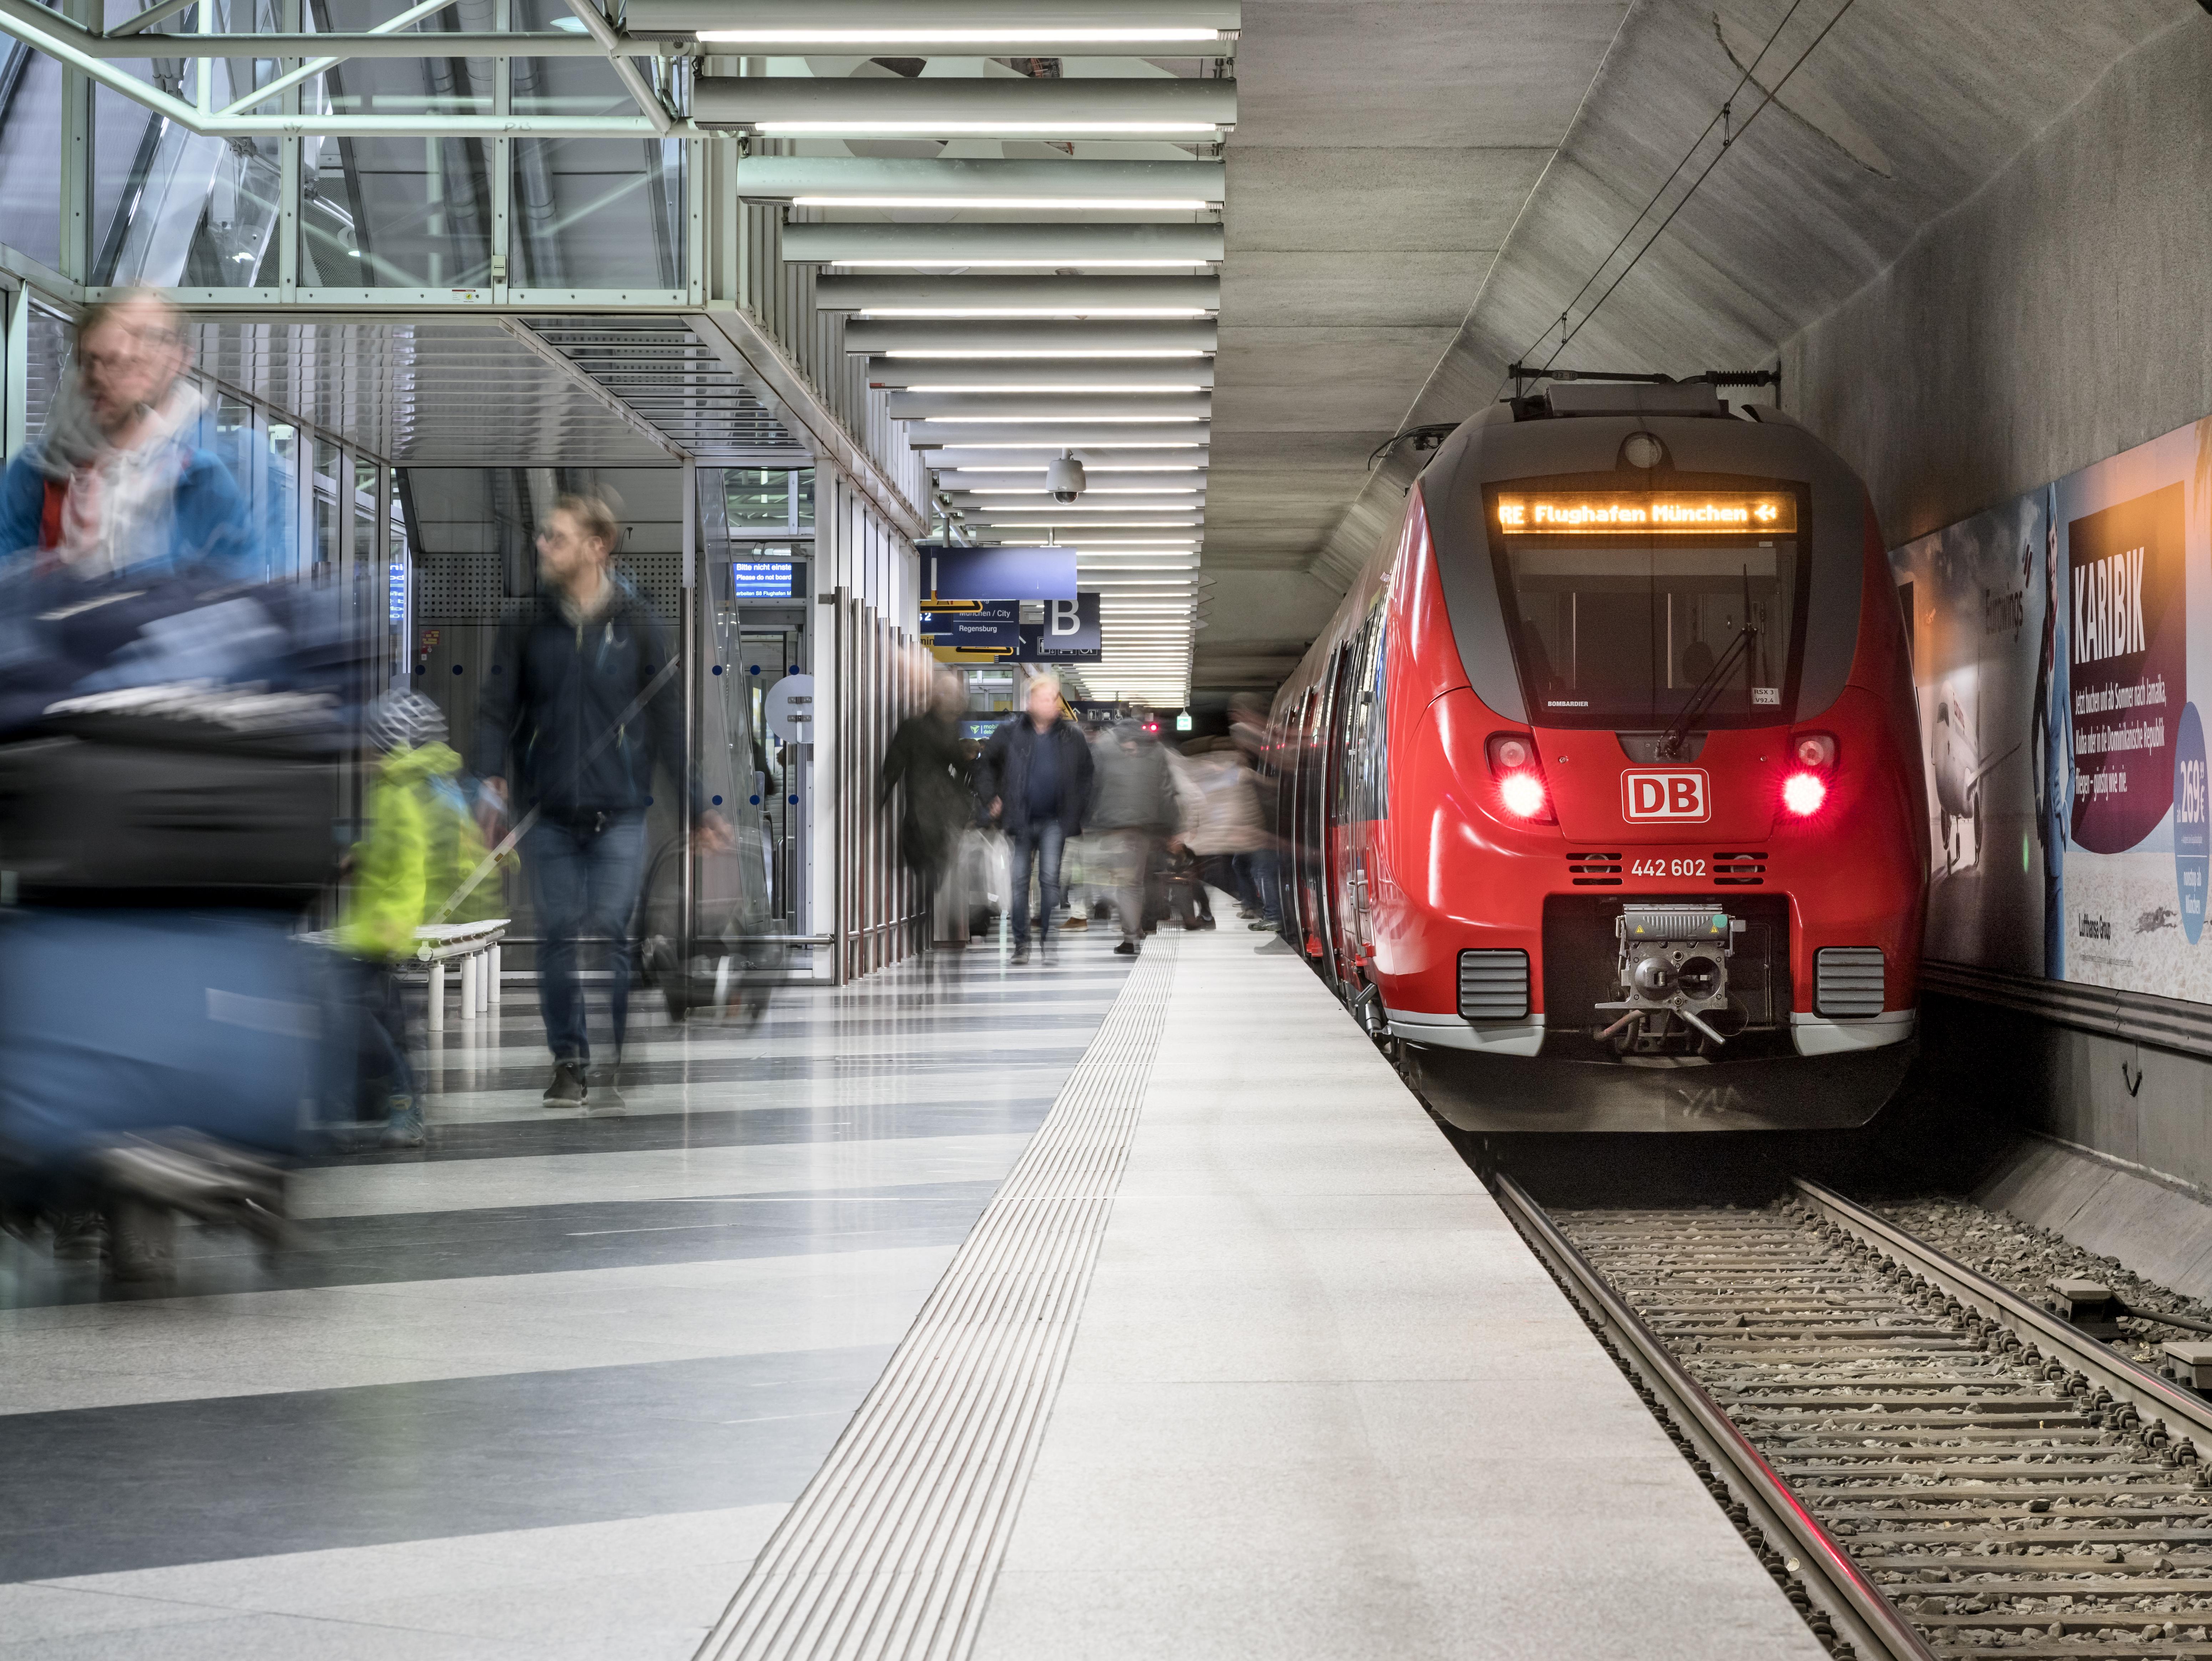 Der er større forskelle på hvor mange penge danskerne bruger på ferierejser med mindst fire overnatninger i udlandet, viser ny opgørelse fra Danmarks Statistik. Her er det tog- og flypassagerer i lufthavnen i München. Pressefoto: München Airport.